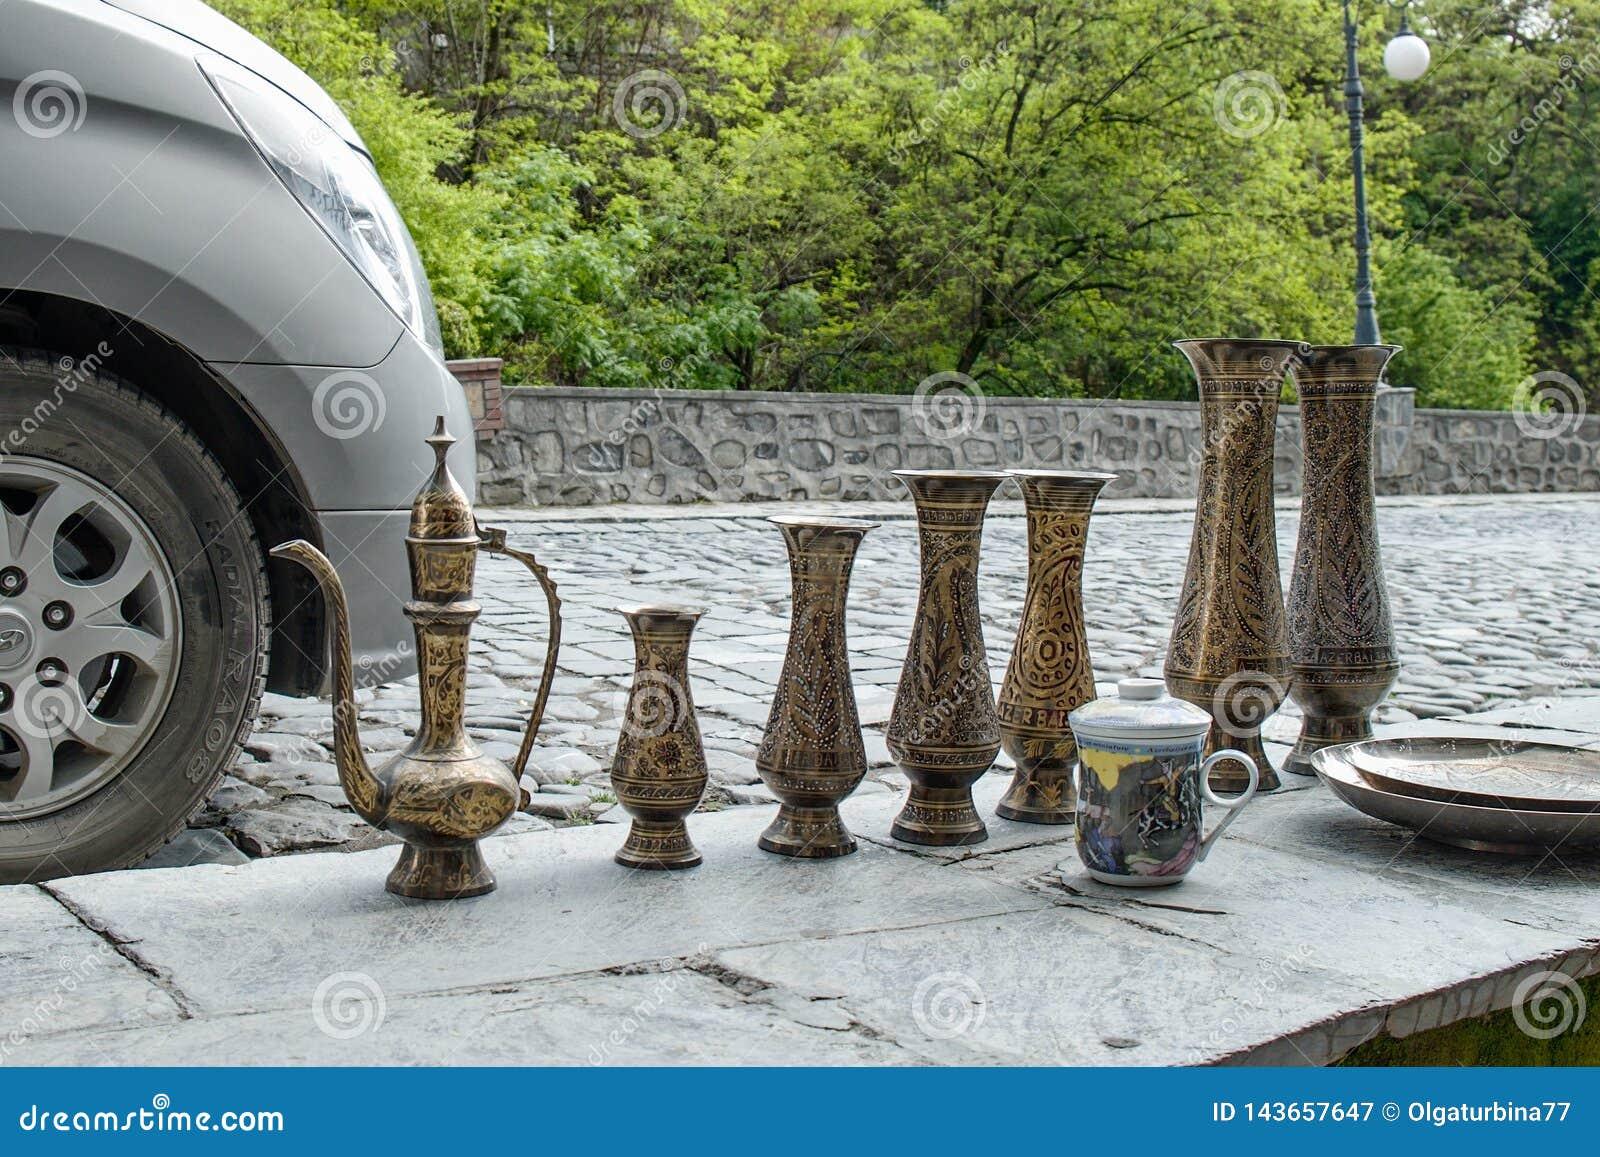 有tradiitional装饰品的传统东方黄铜手工制造水罐由一个摊贩的待售旧货市场的在Sheki: